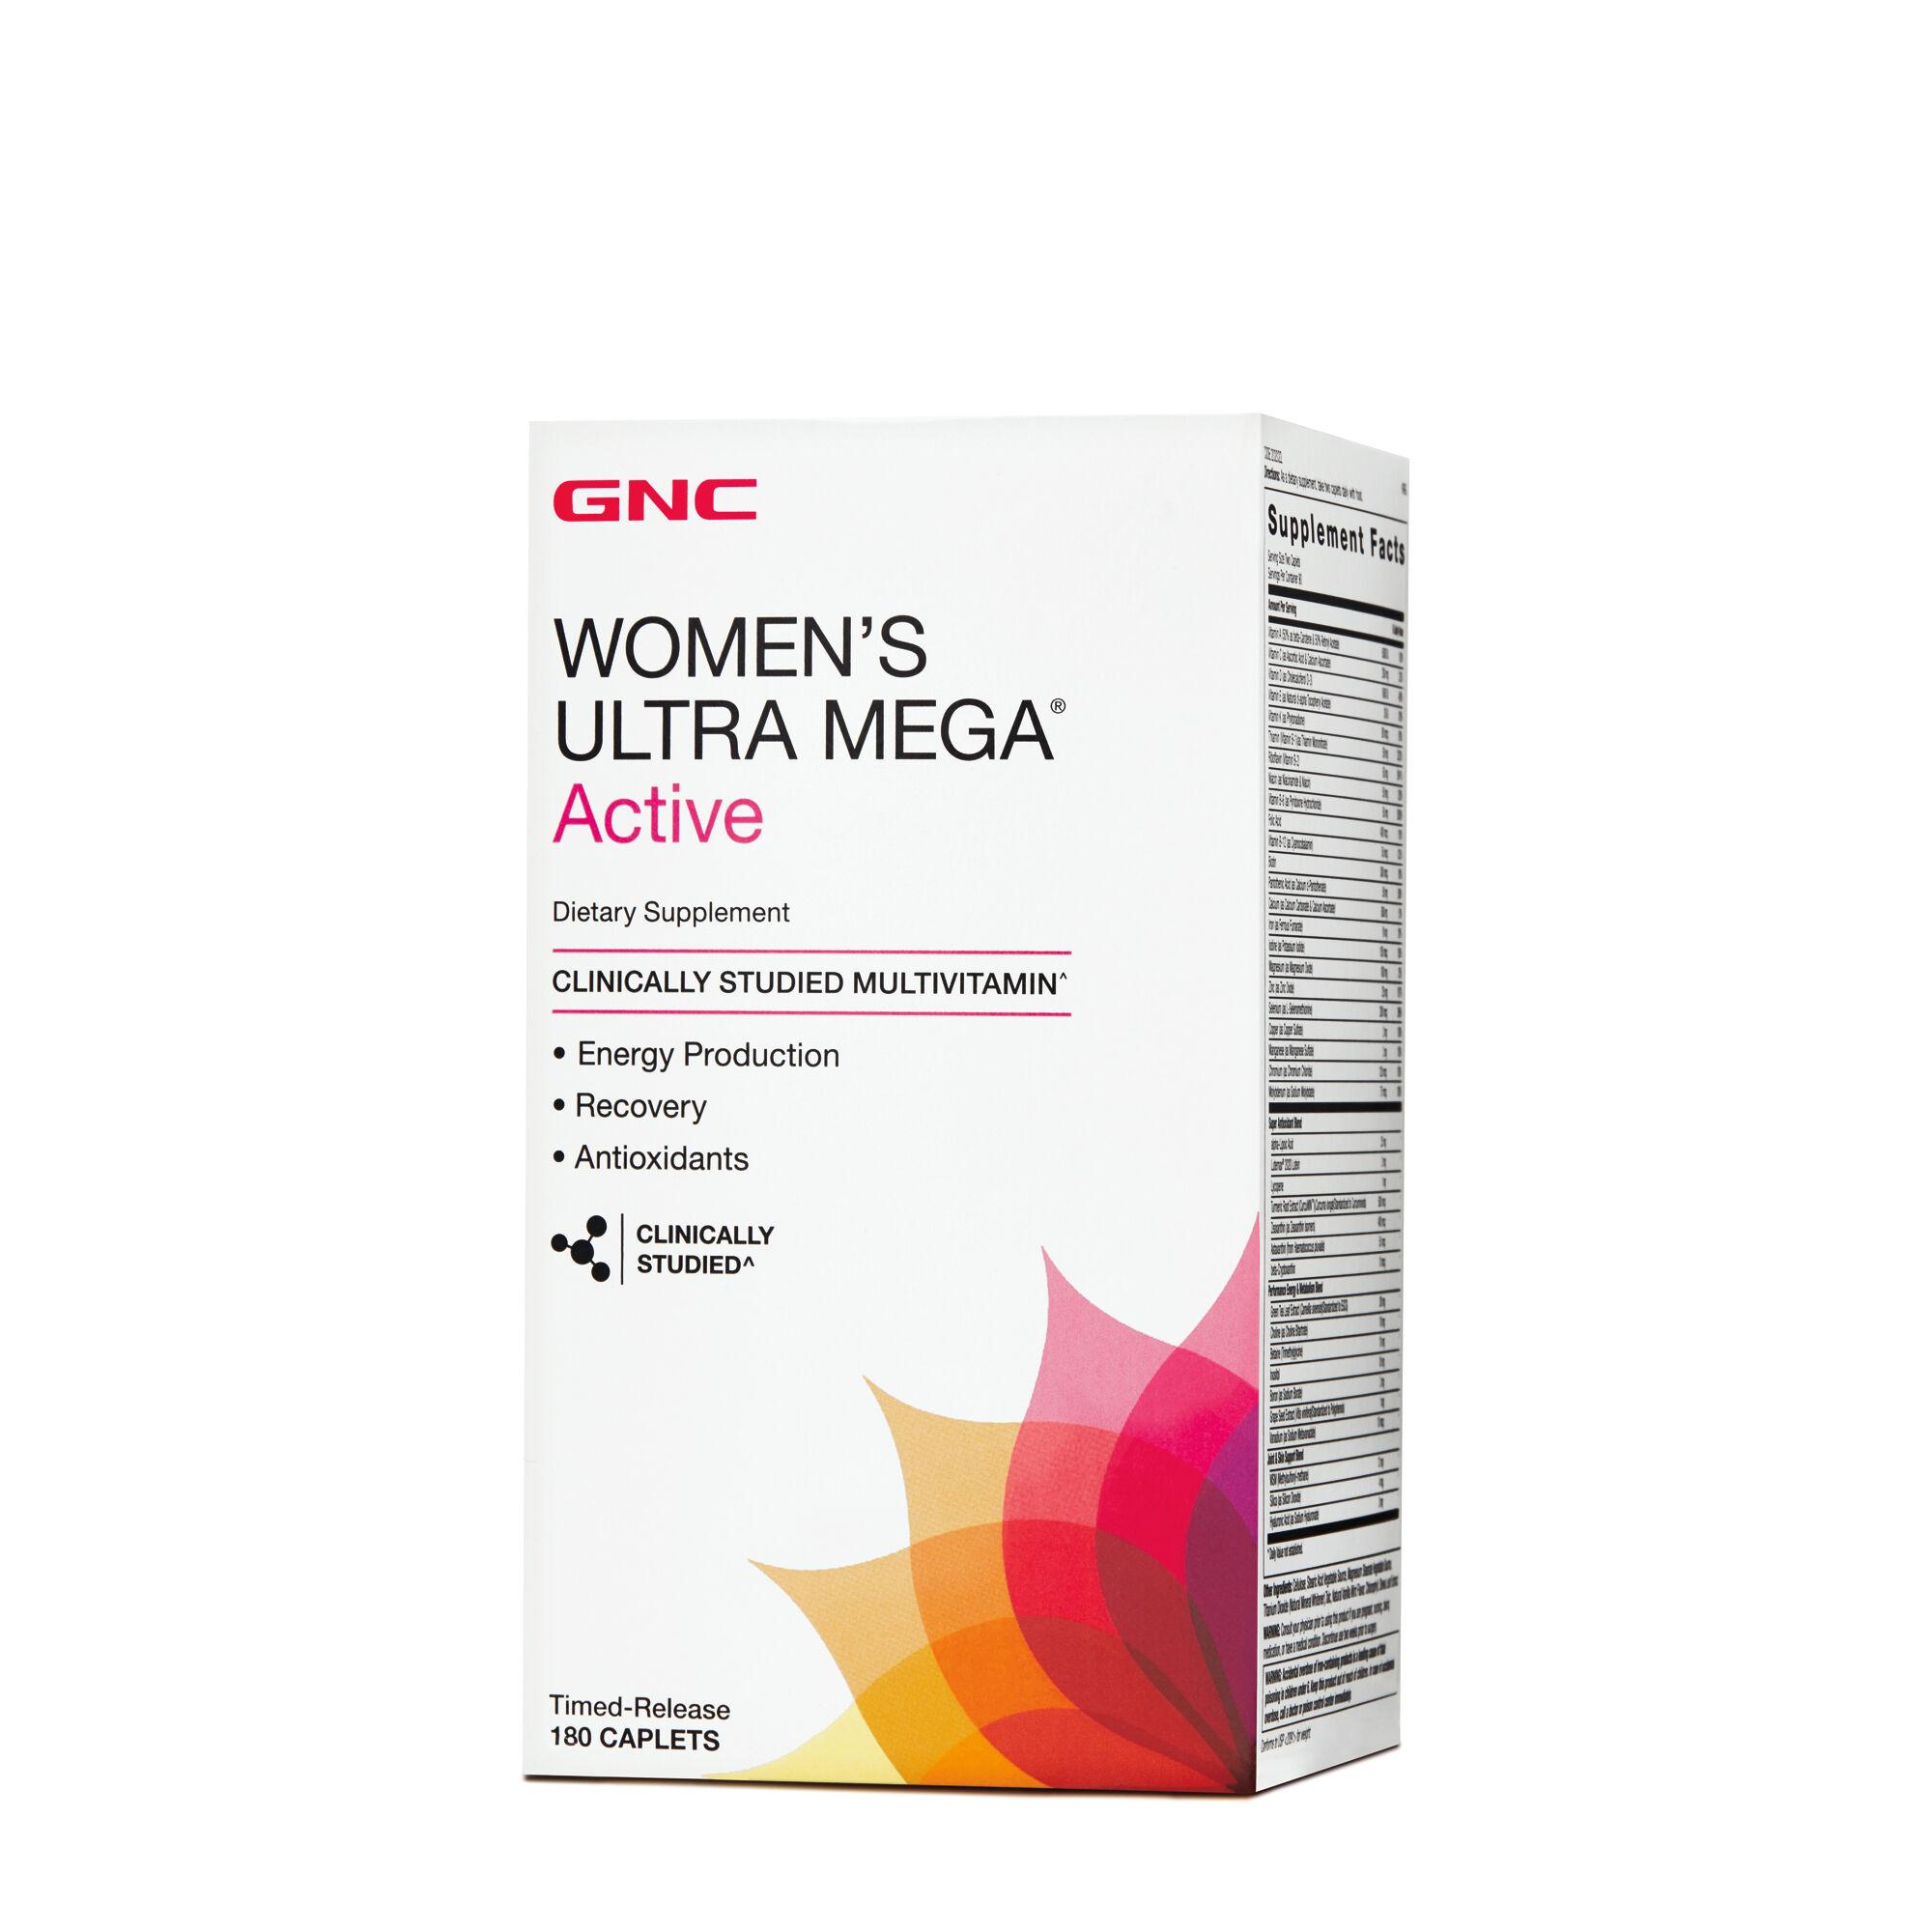 GNC Women's Ultra Mega® Active - 180 Caplets - GNC - Train